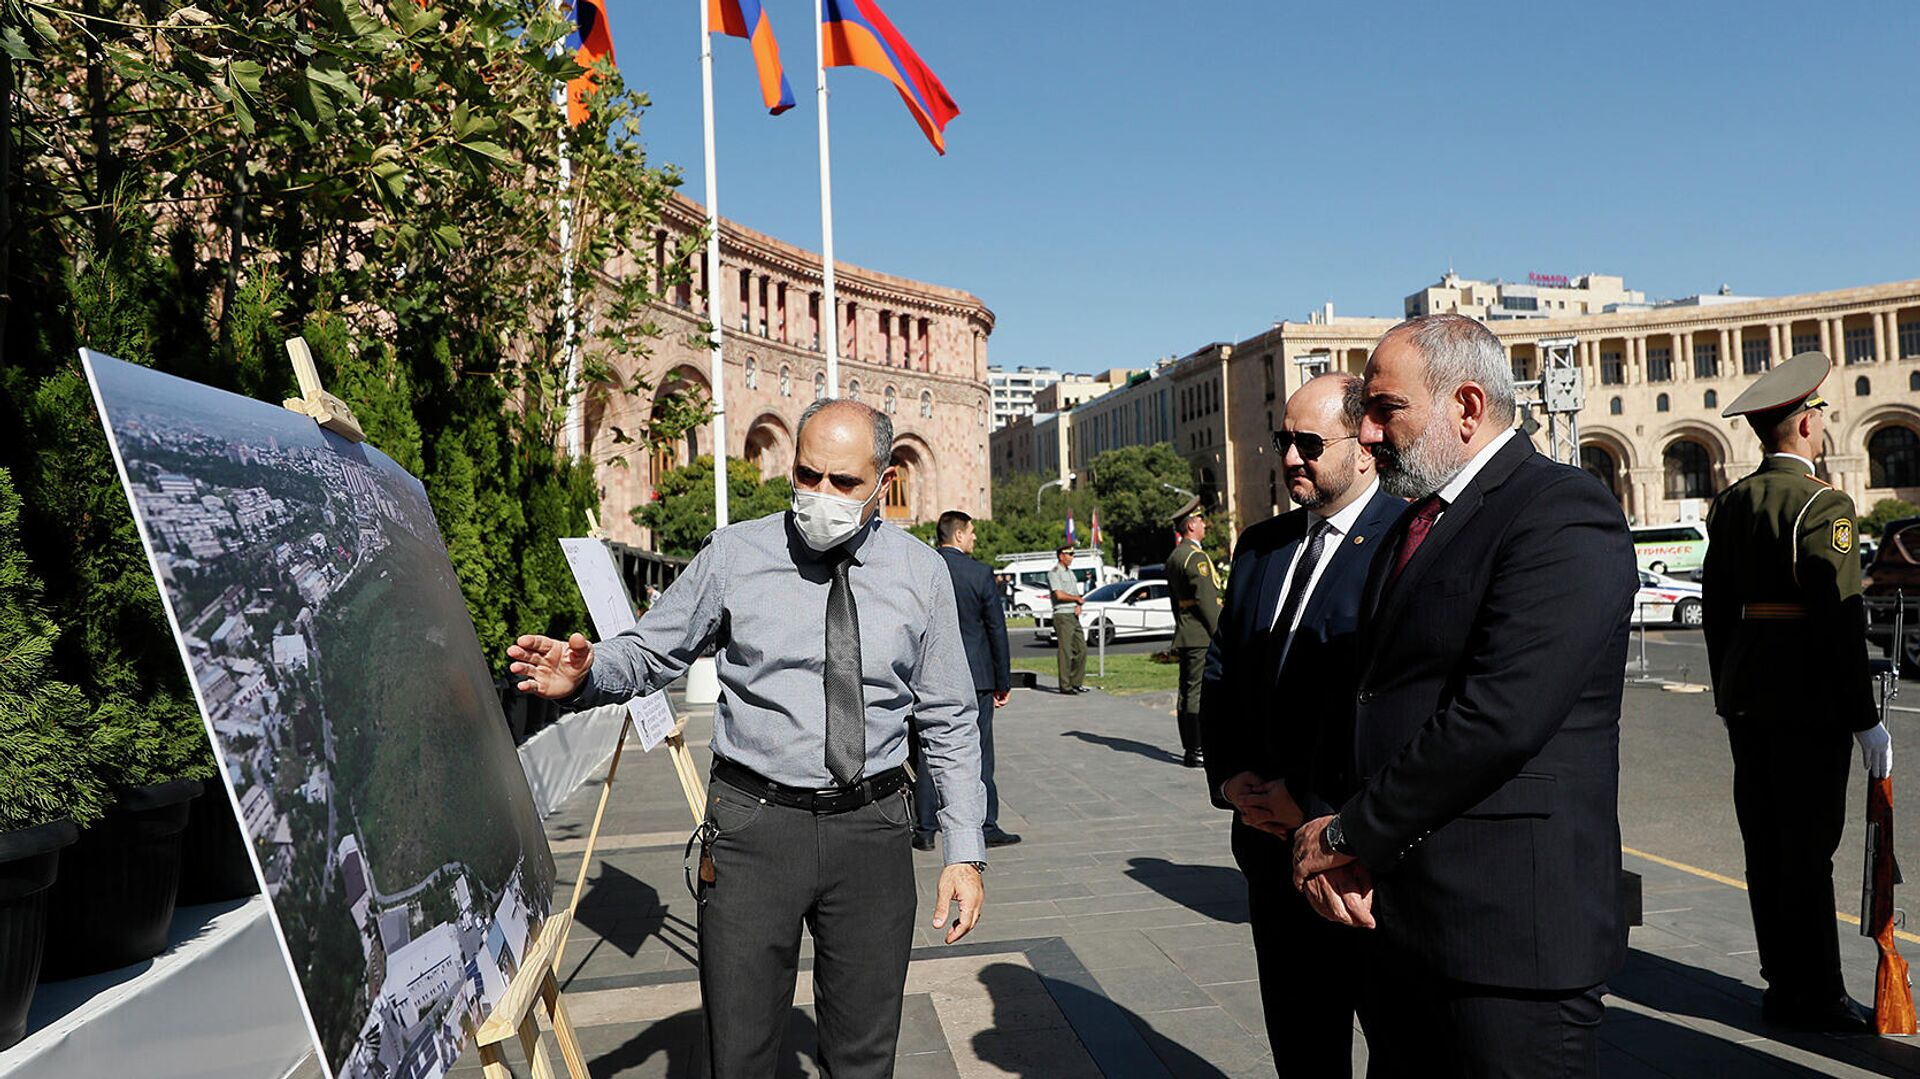 Премьер-министру Николу Пашиняну представляют проект Сквер жизни, который будет создан на территории ботанического сада (27 сентября 2021). Ереван - Sputnik Армения, 1920, 27.09.2021